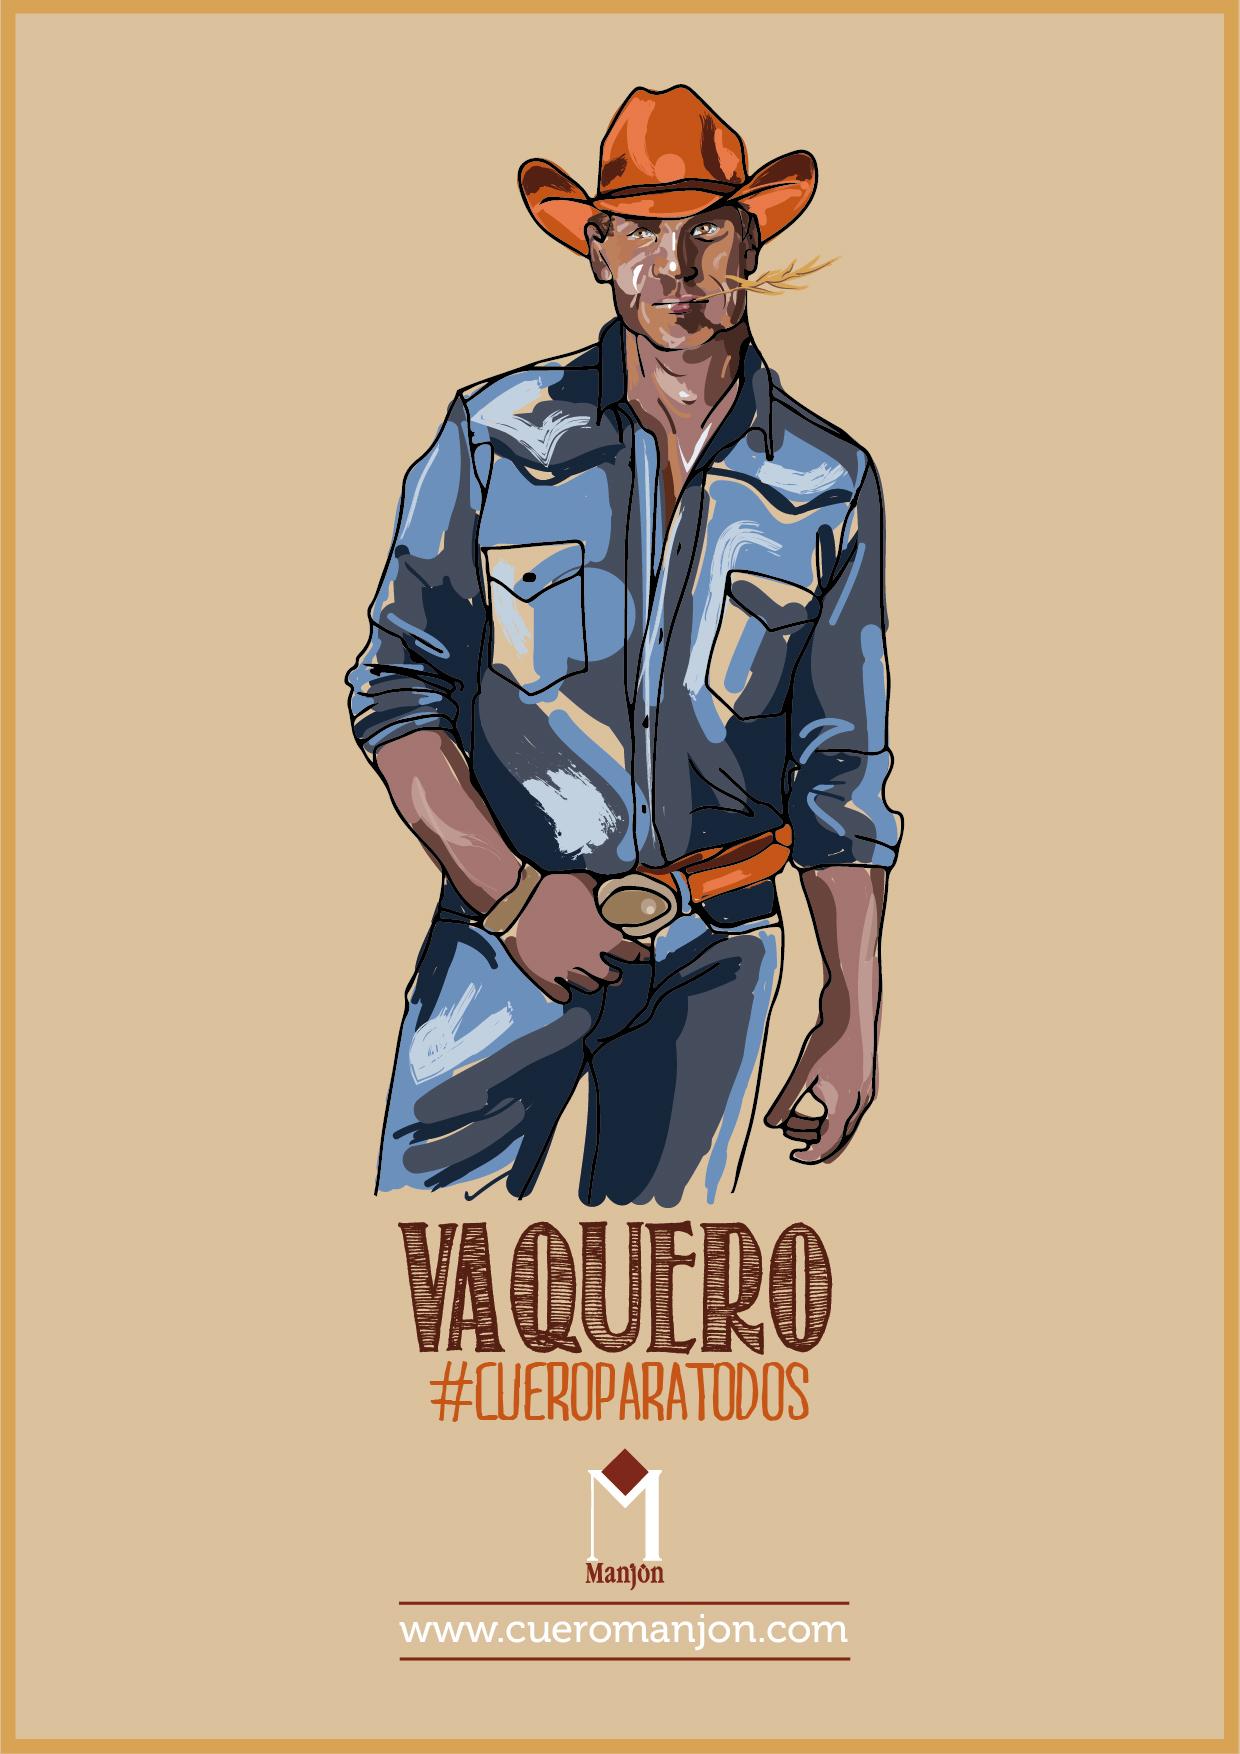 CPT Vaquero